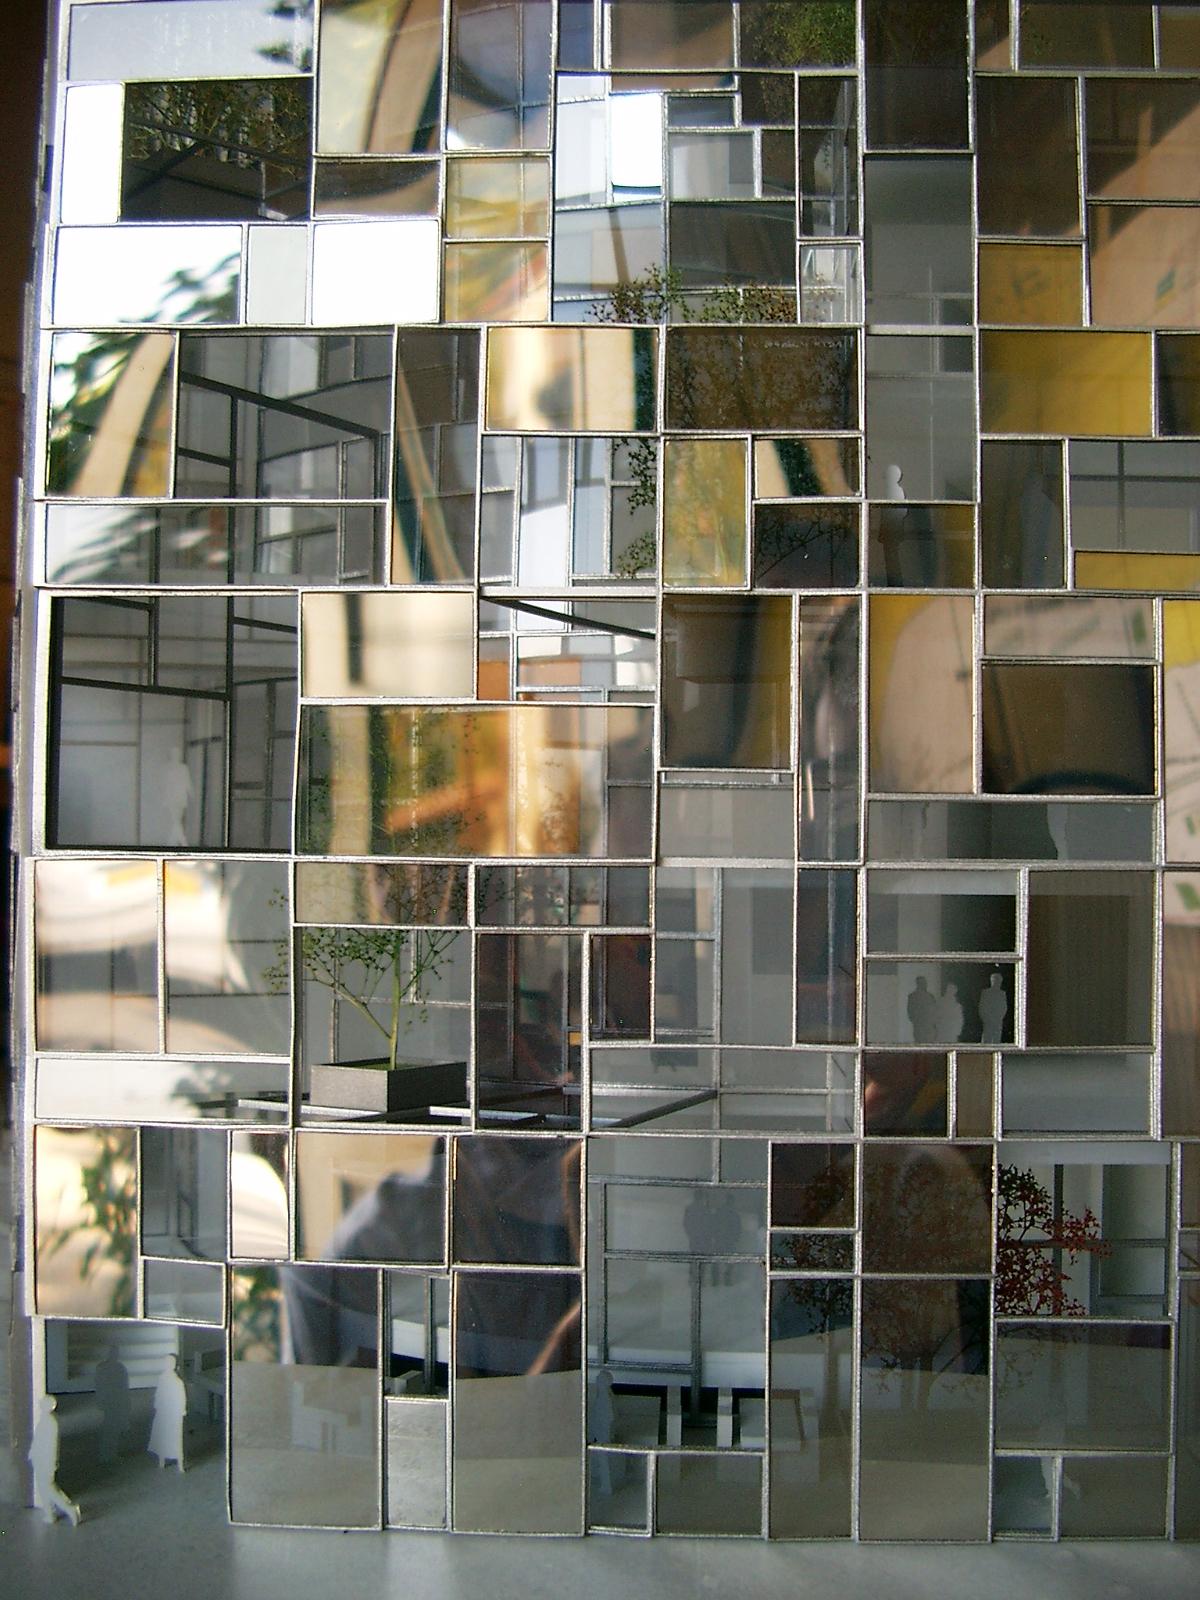 facade04 - Copy